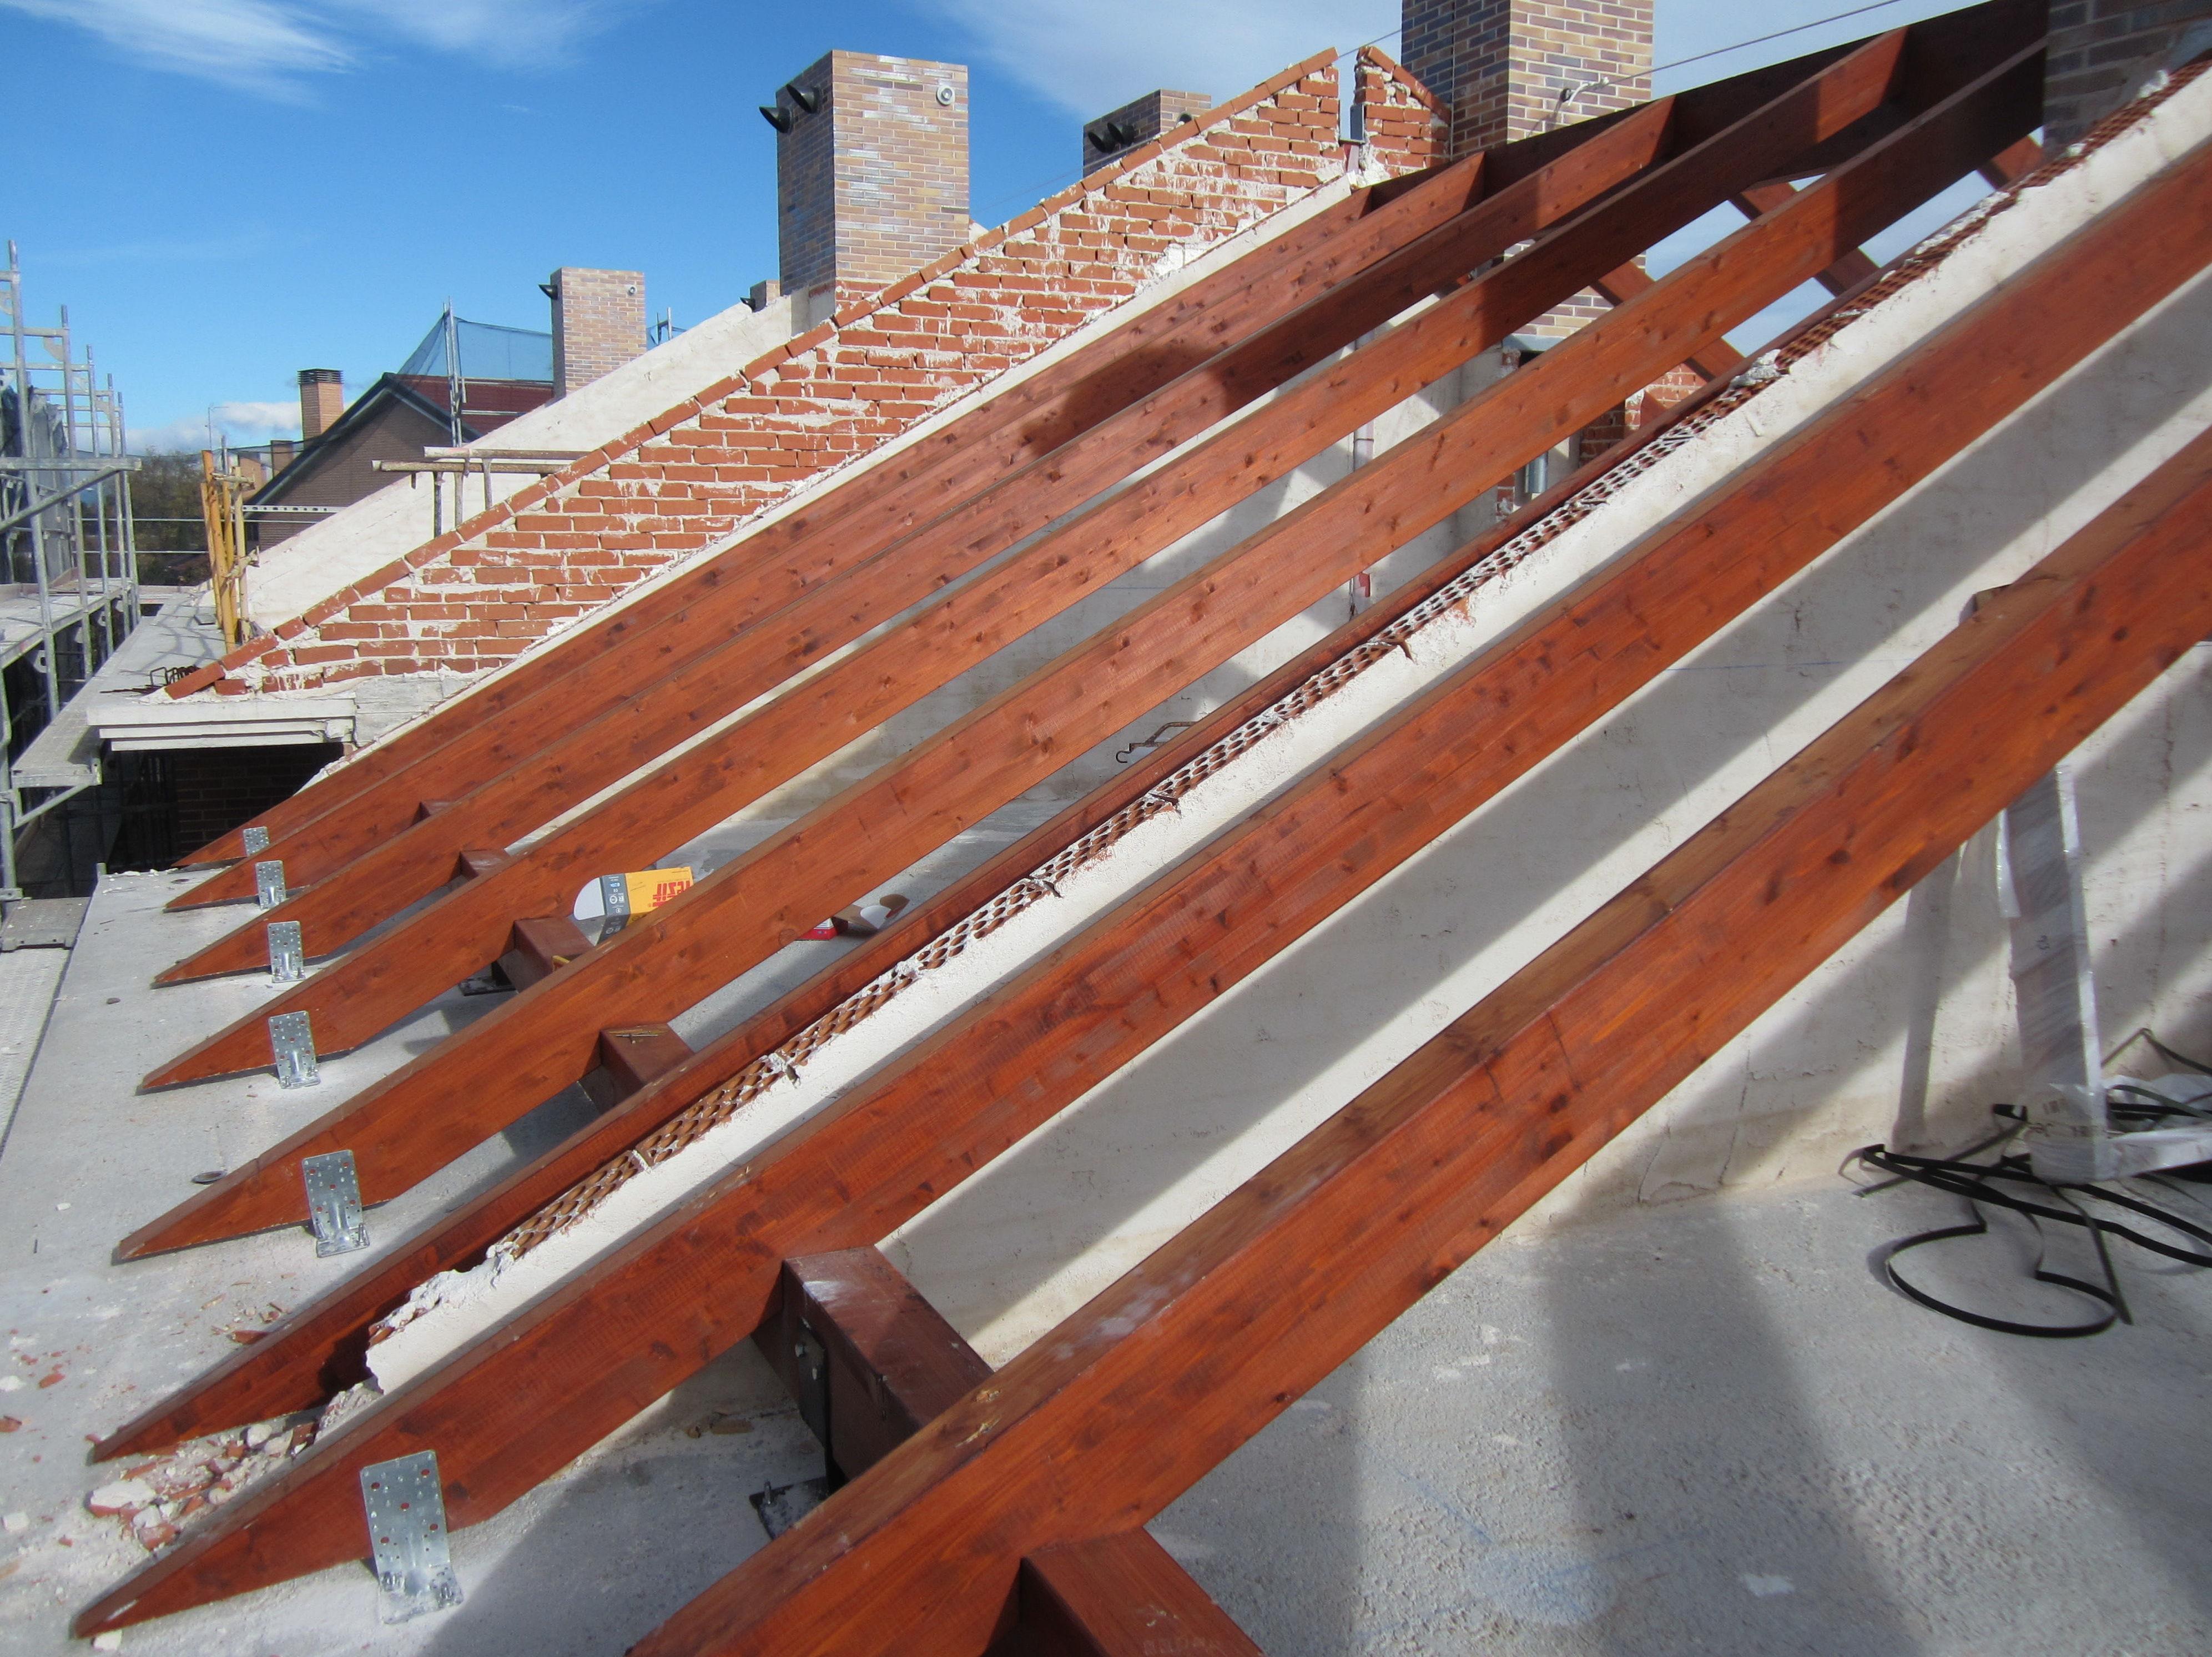 Cubiertas de pizarra sobre estructura de madera - Estructuras de madera laminada ...